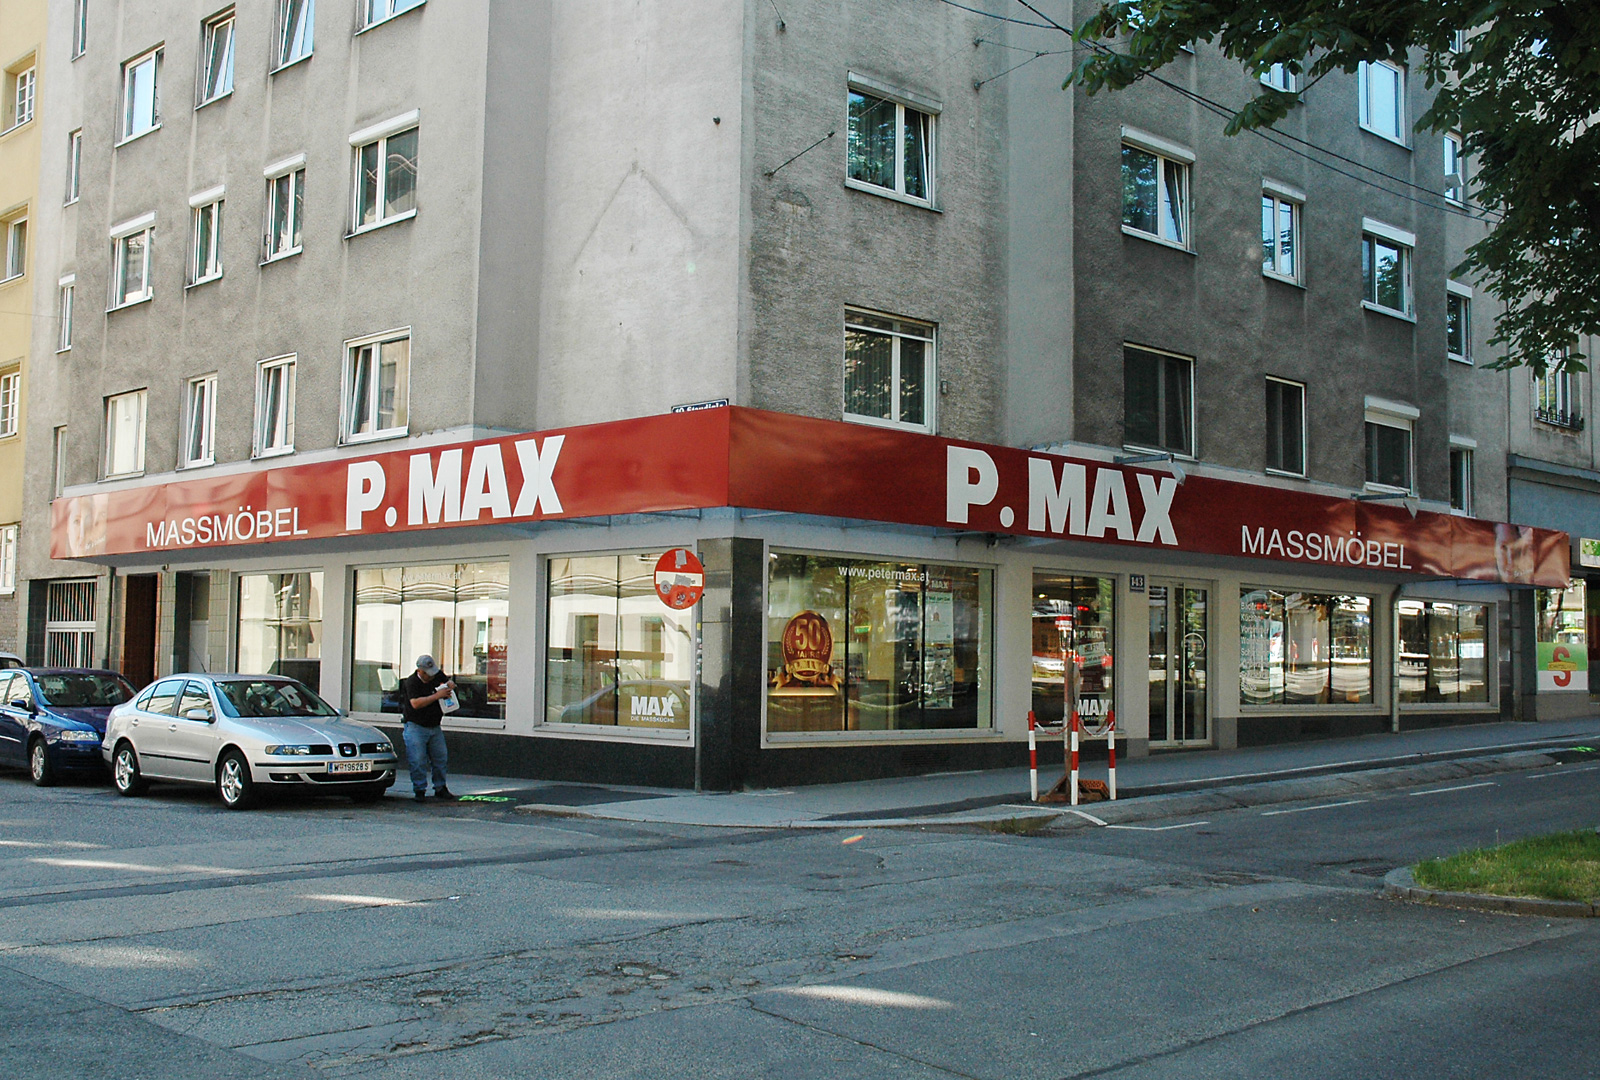 Pmax Filiale 1100 Wien Pmax Maßmöbel